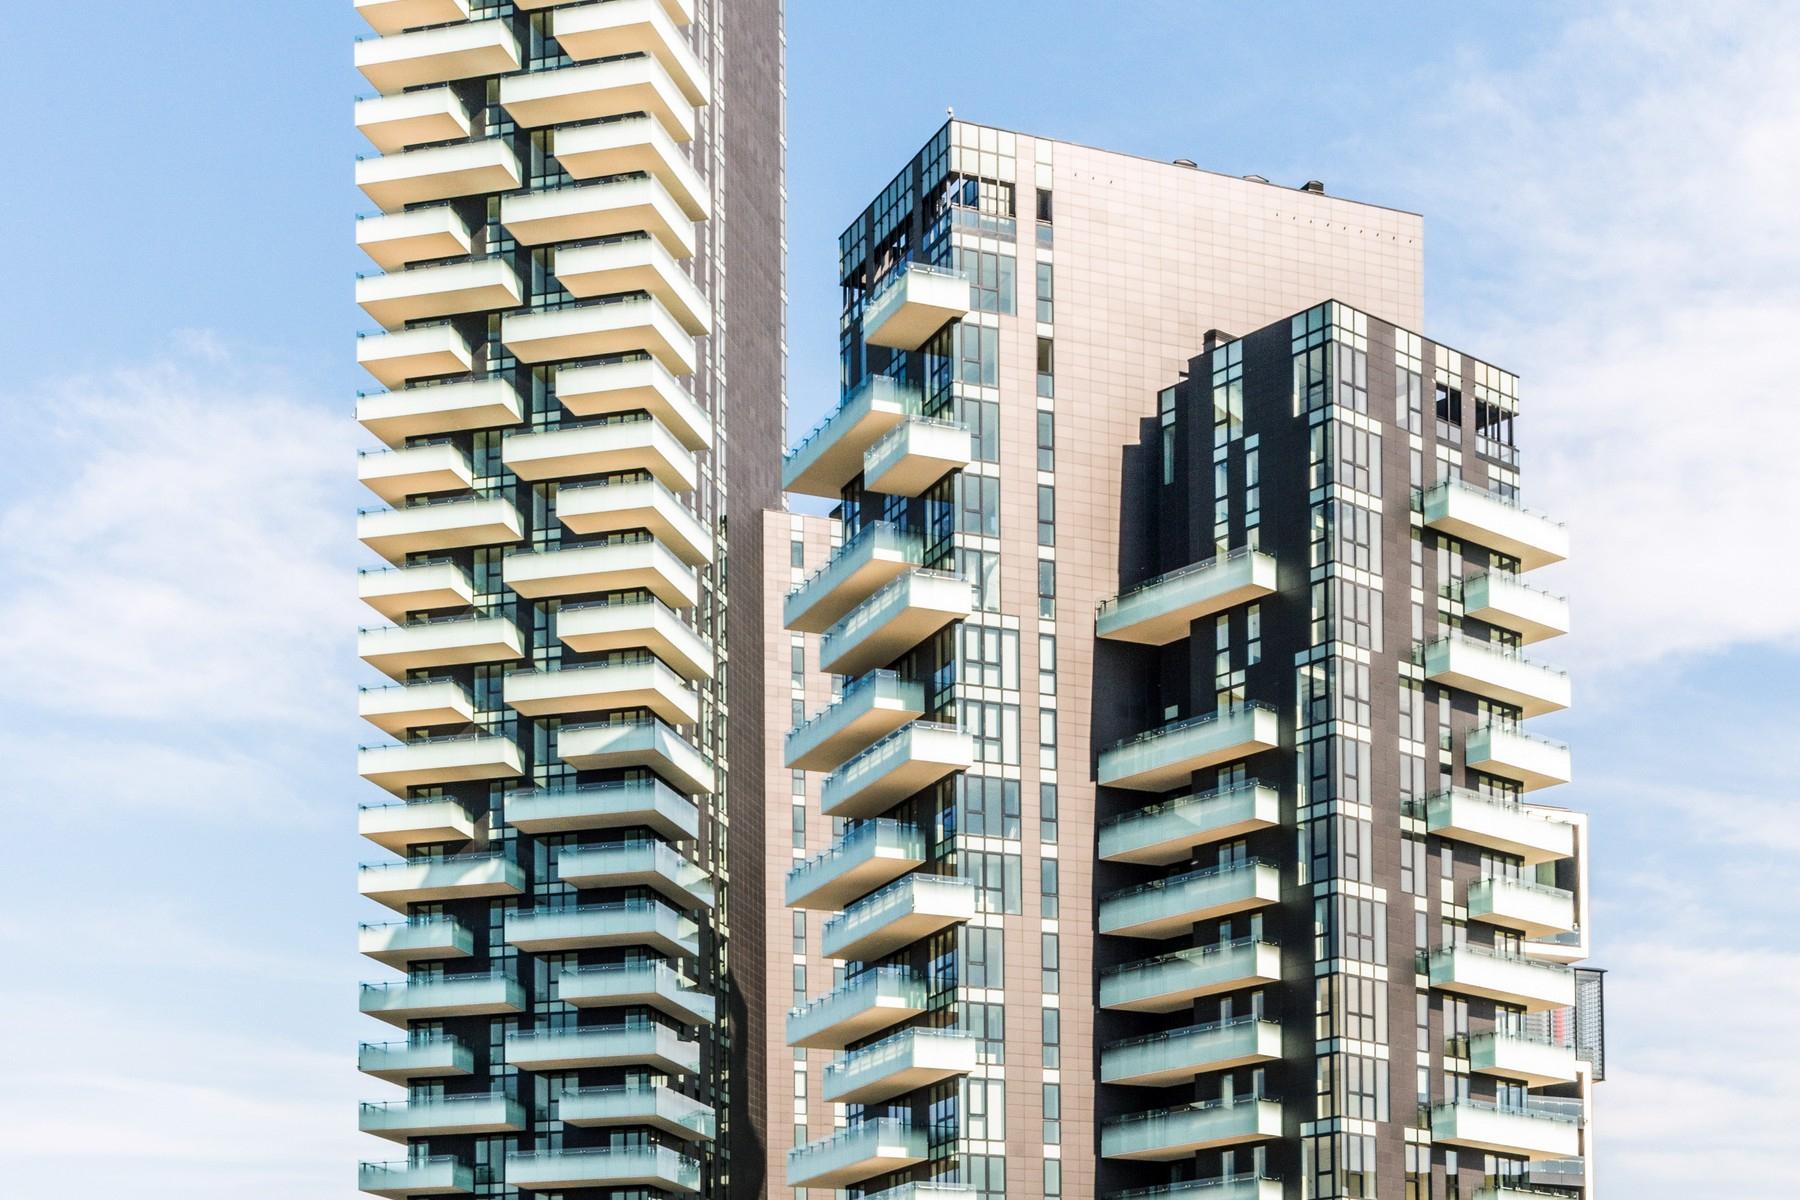 Appartamento in Affitto a Milano 02 Brera / Volta / Repubblica: 2 locali, 96 mq